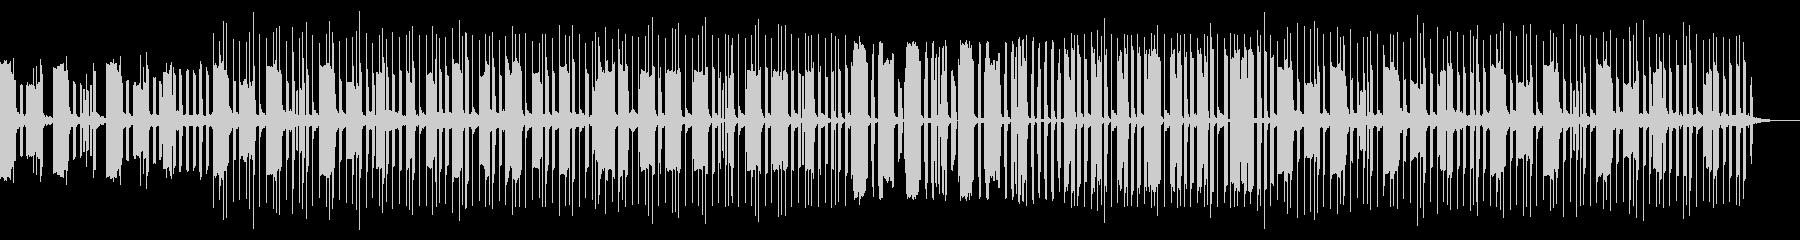 KANTほんわかBGM2010102の未再生の波形